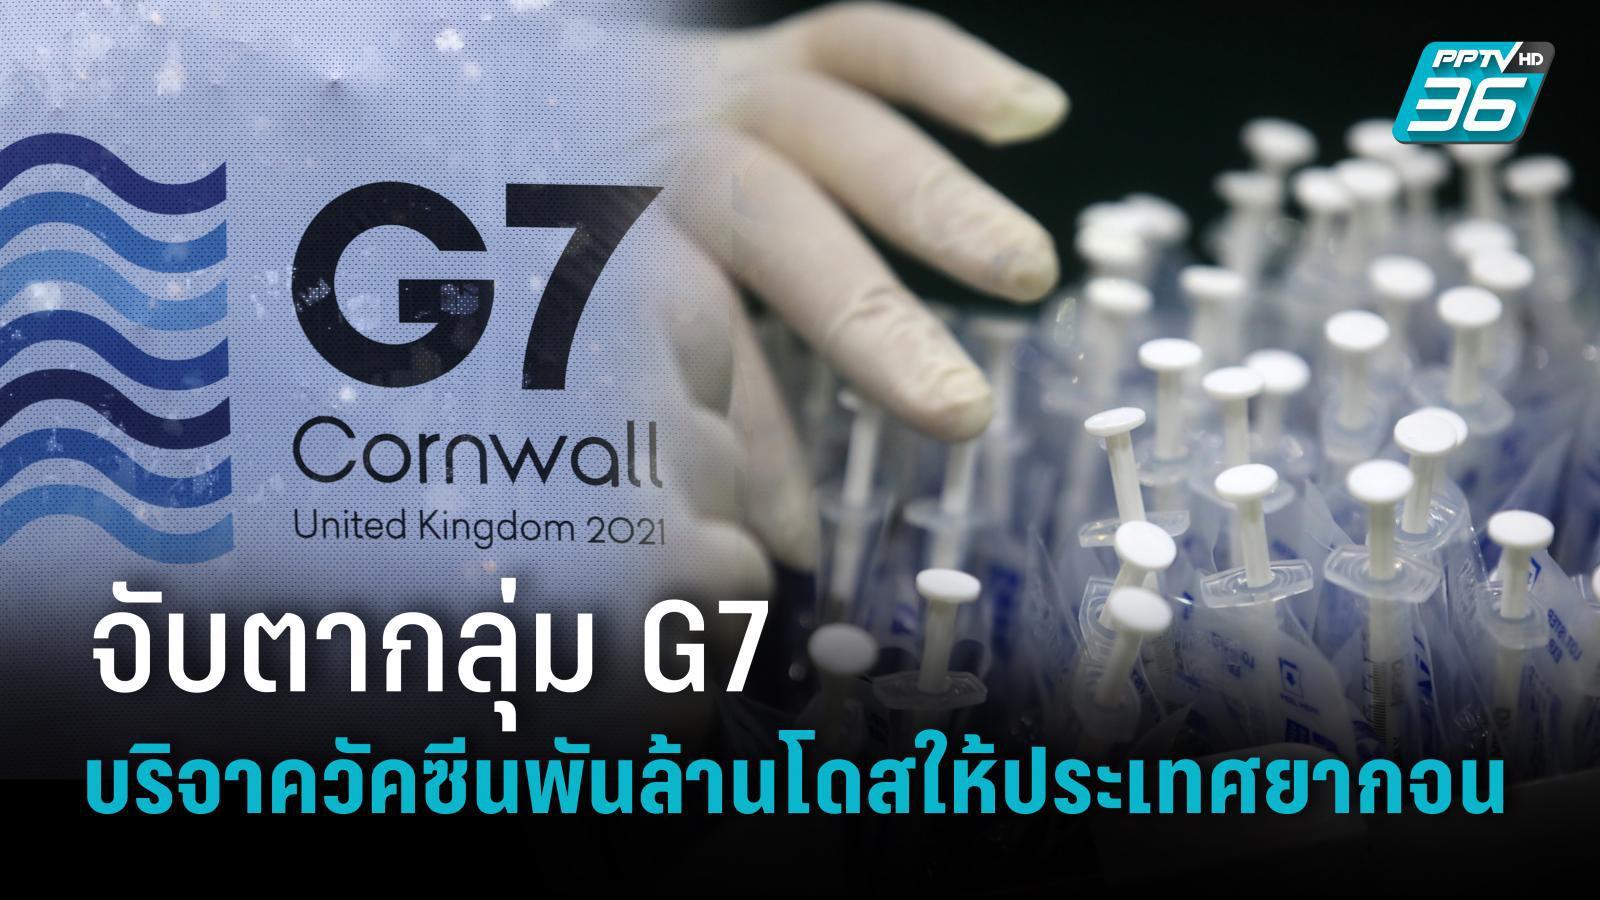 จับตาประชุม G7 บริจาควัคซีน 1 พันล้านโดสให้ประเทศยากจน